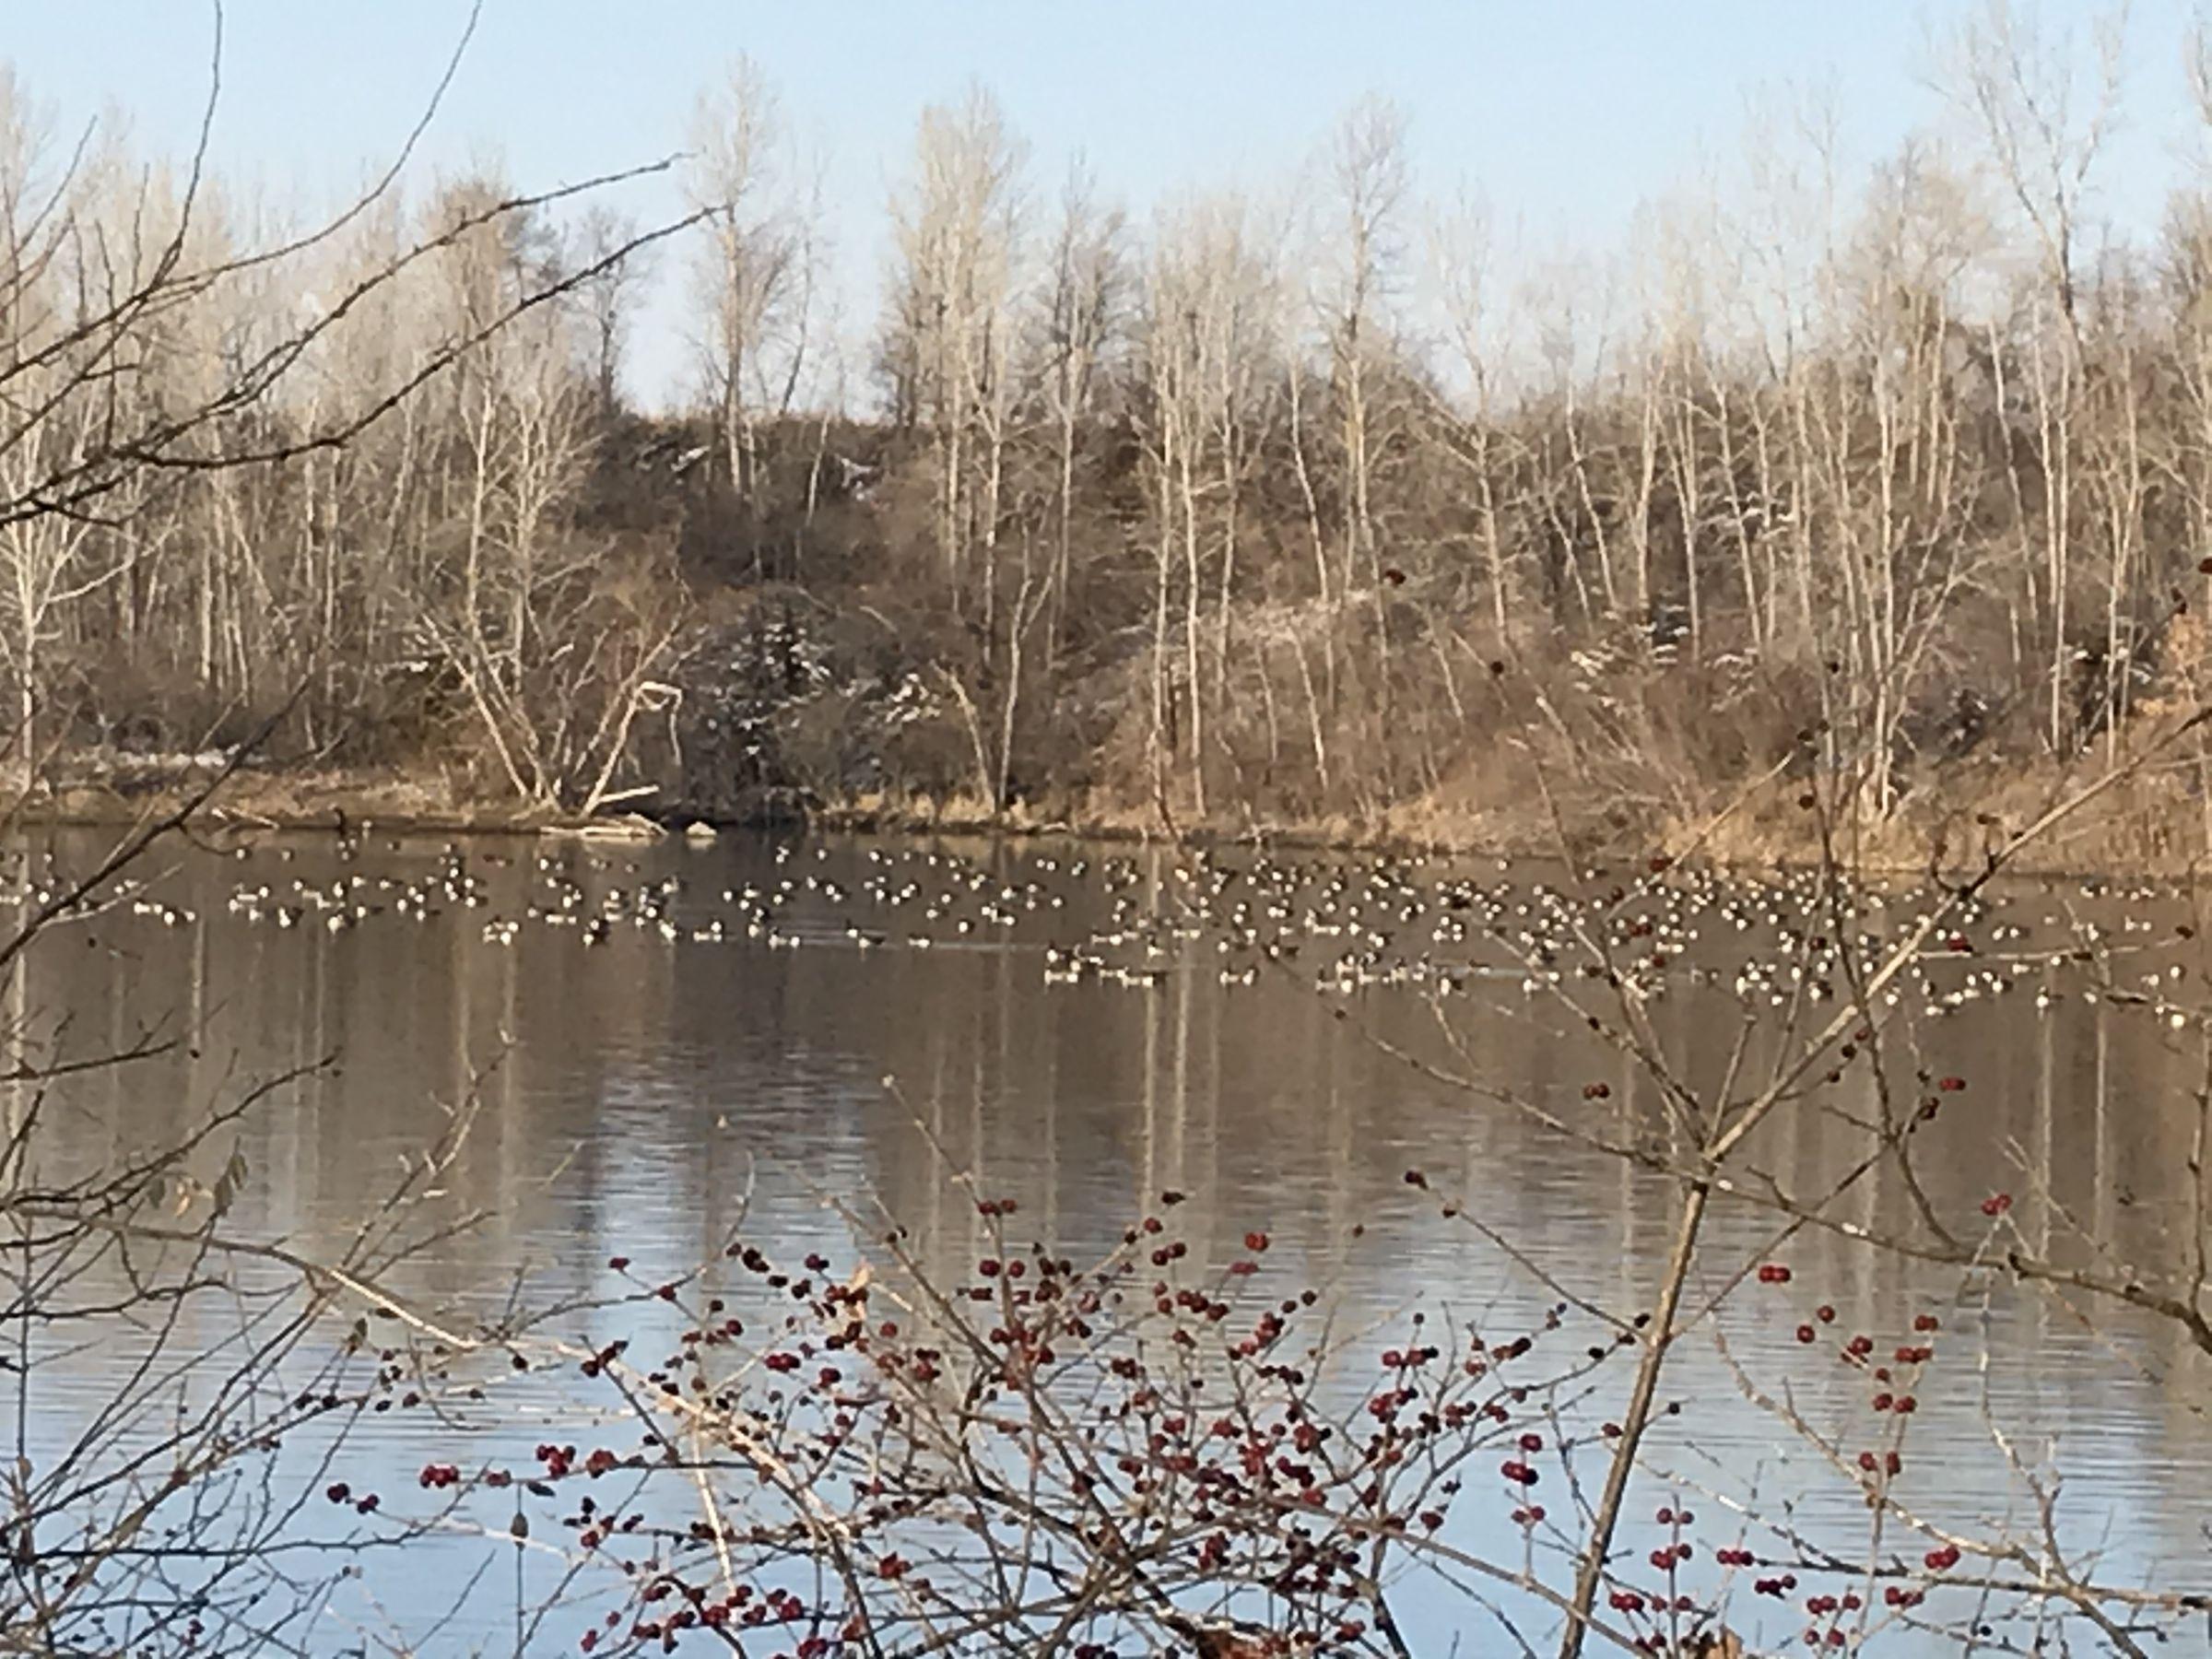 East Huge Flock of Geese 1